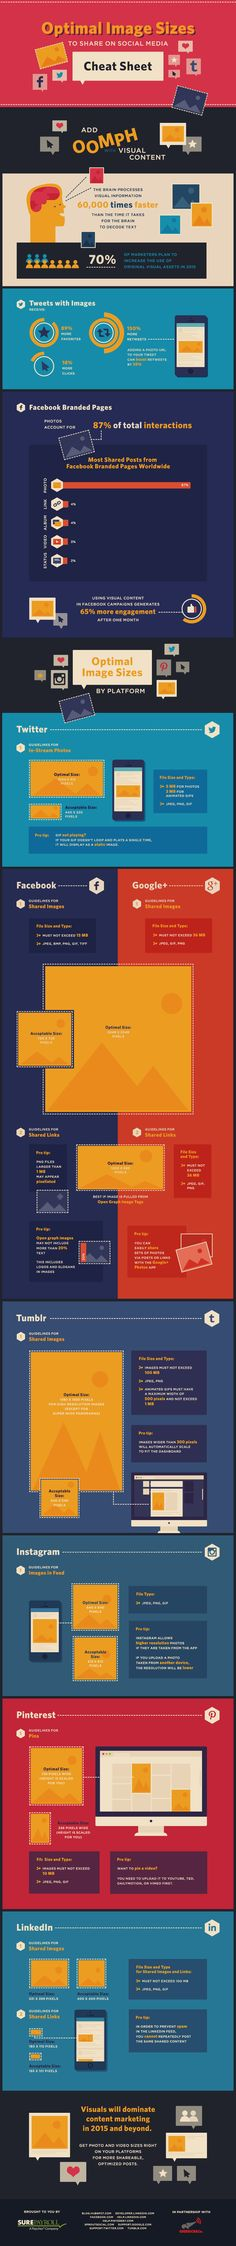 Découvrez les règles à connaitre pour optimiser les images sur les 7 plus gros réseaux sociaux. Une infographie et un bilan détaillé pour ne rien rater.